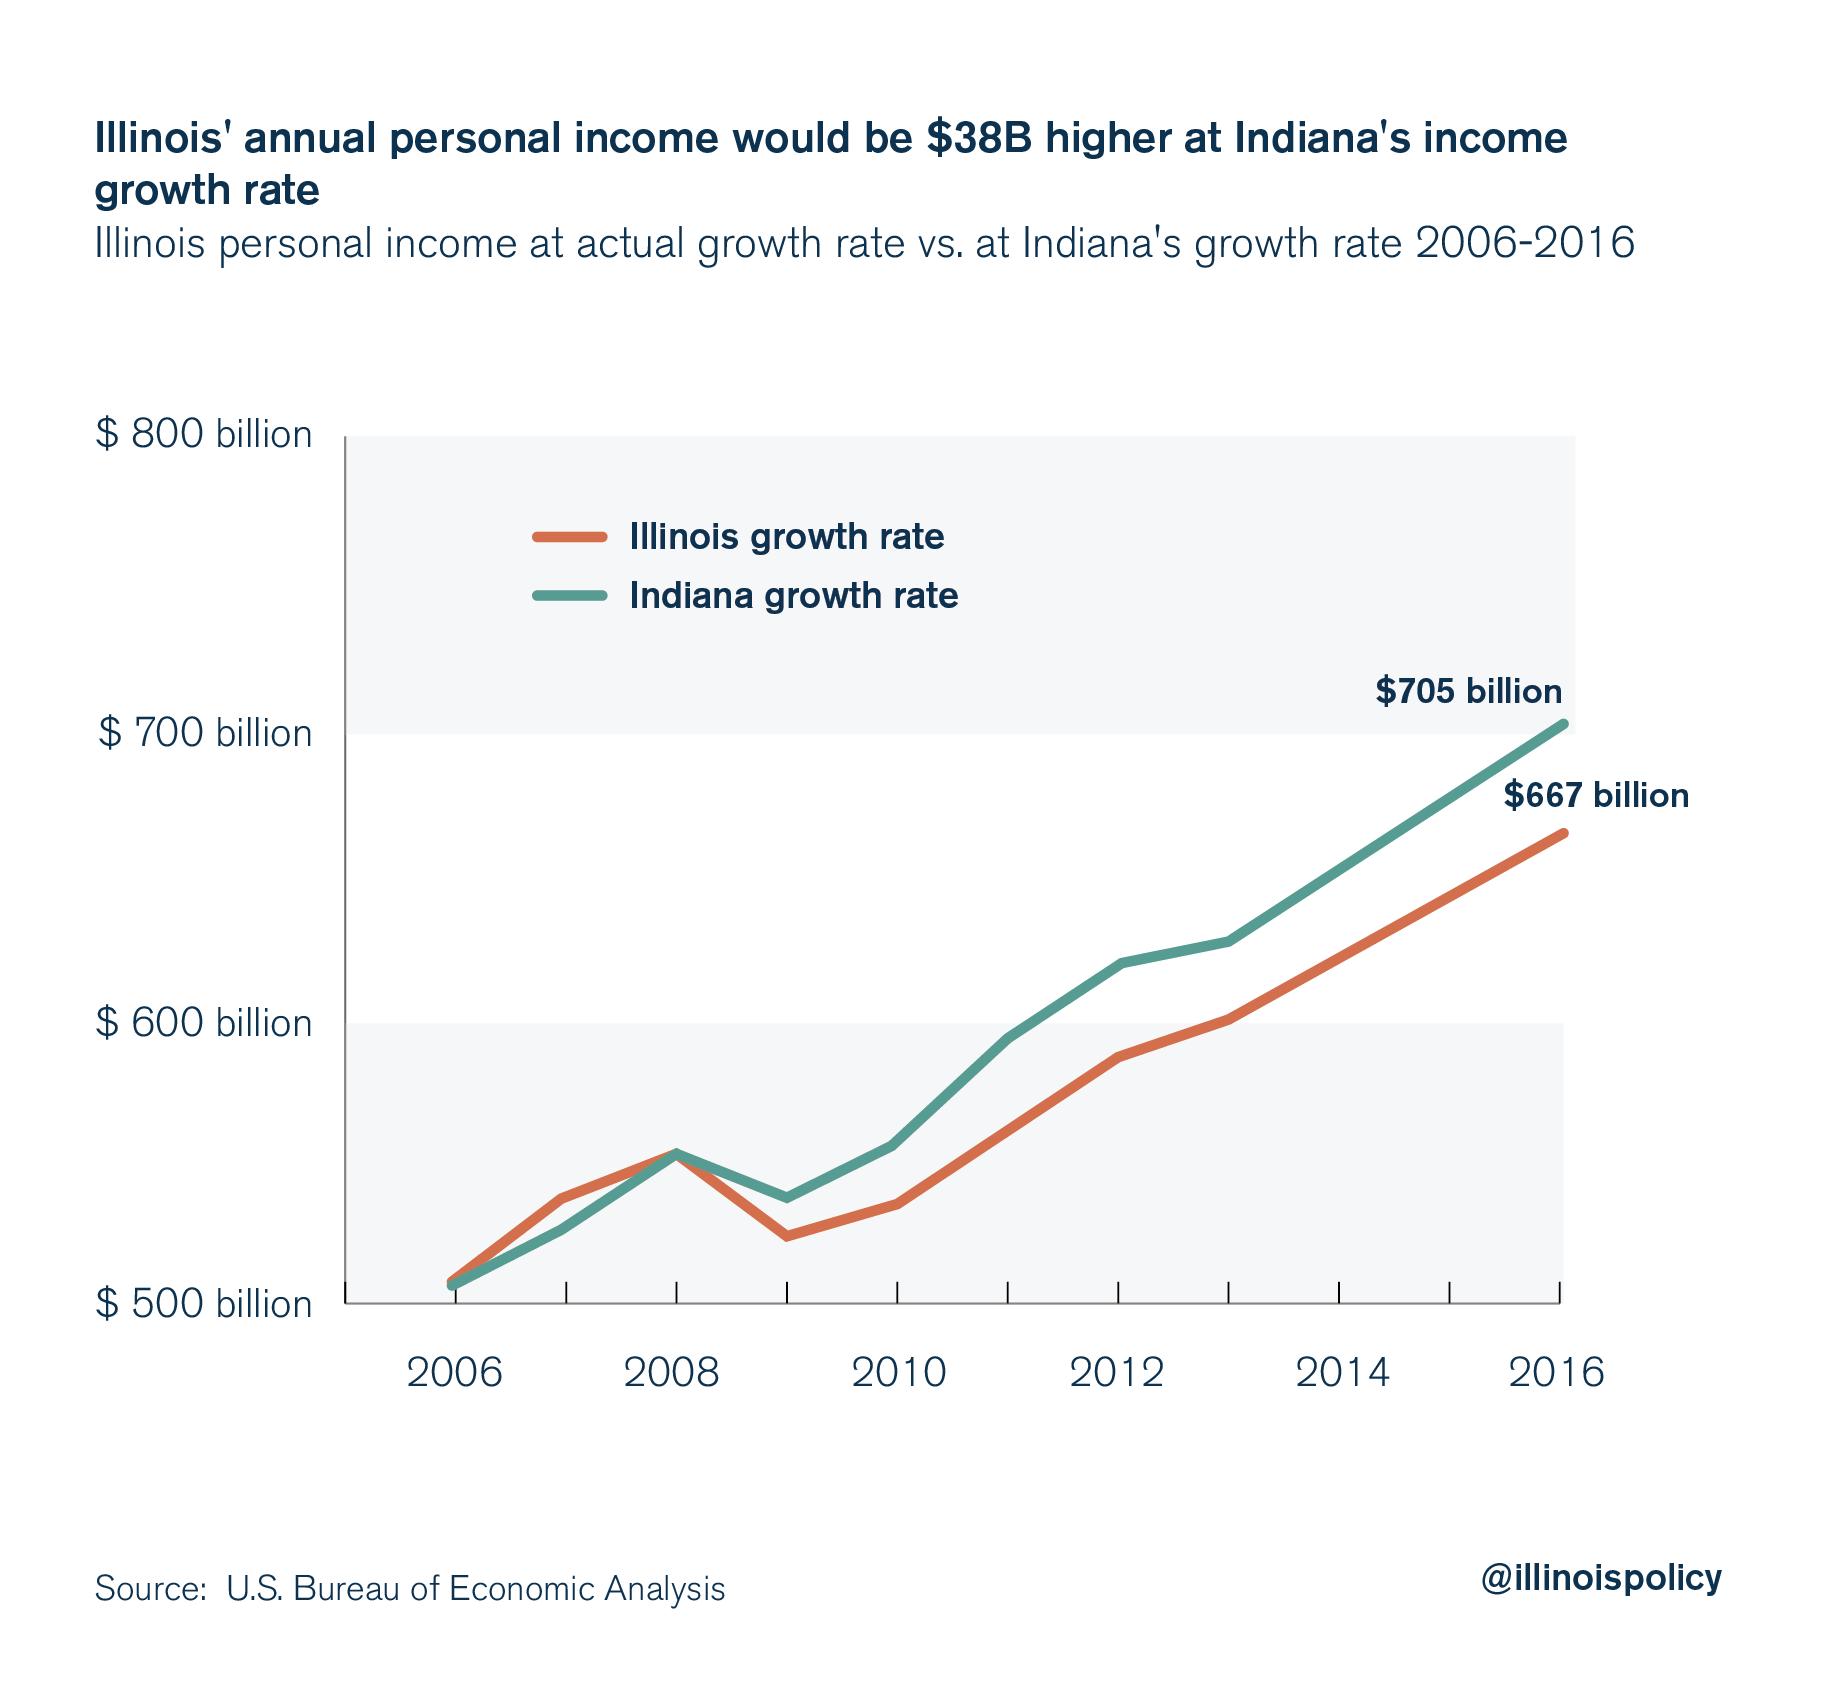 illinois personal income